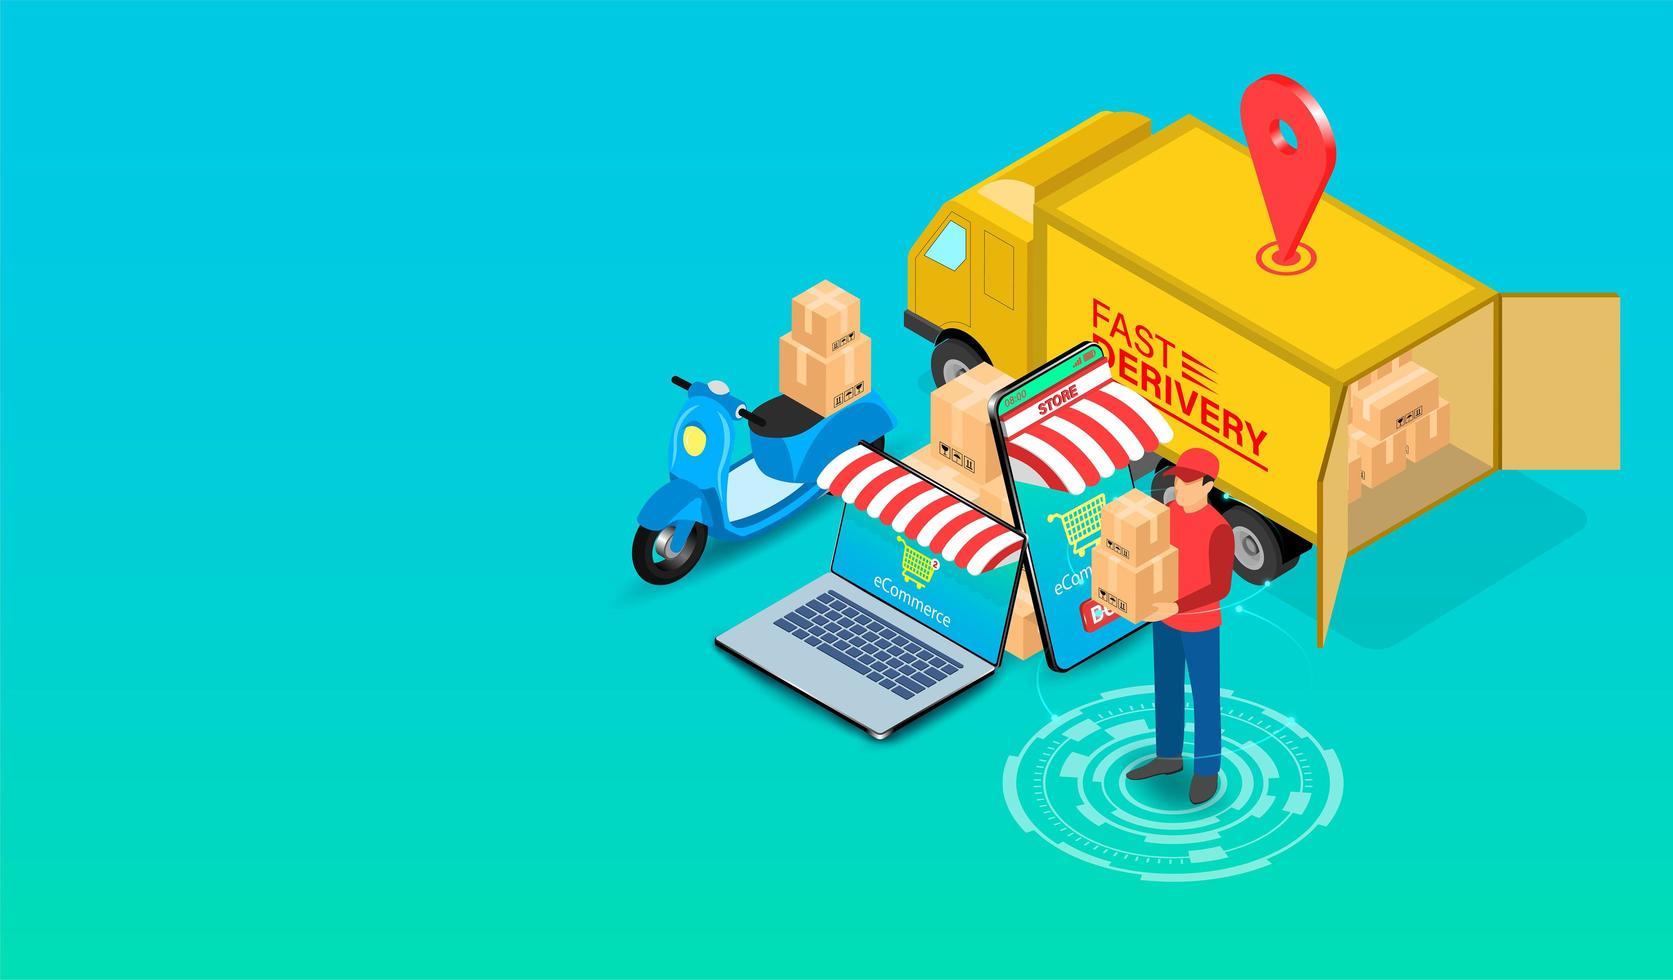 e-handelsleveransperson med skoter och lastbil vektor